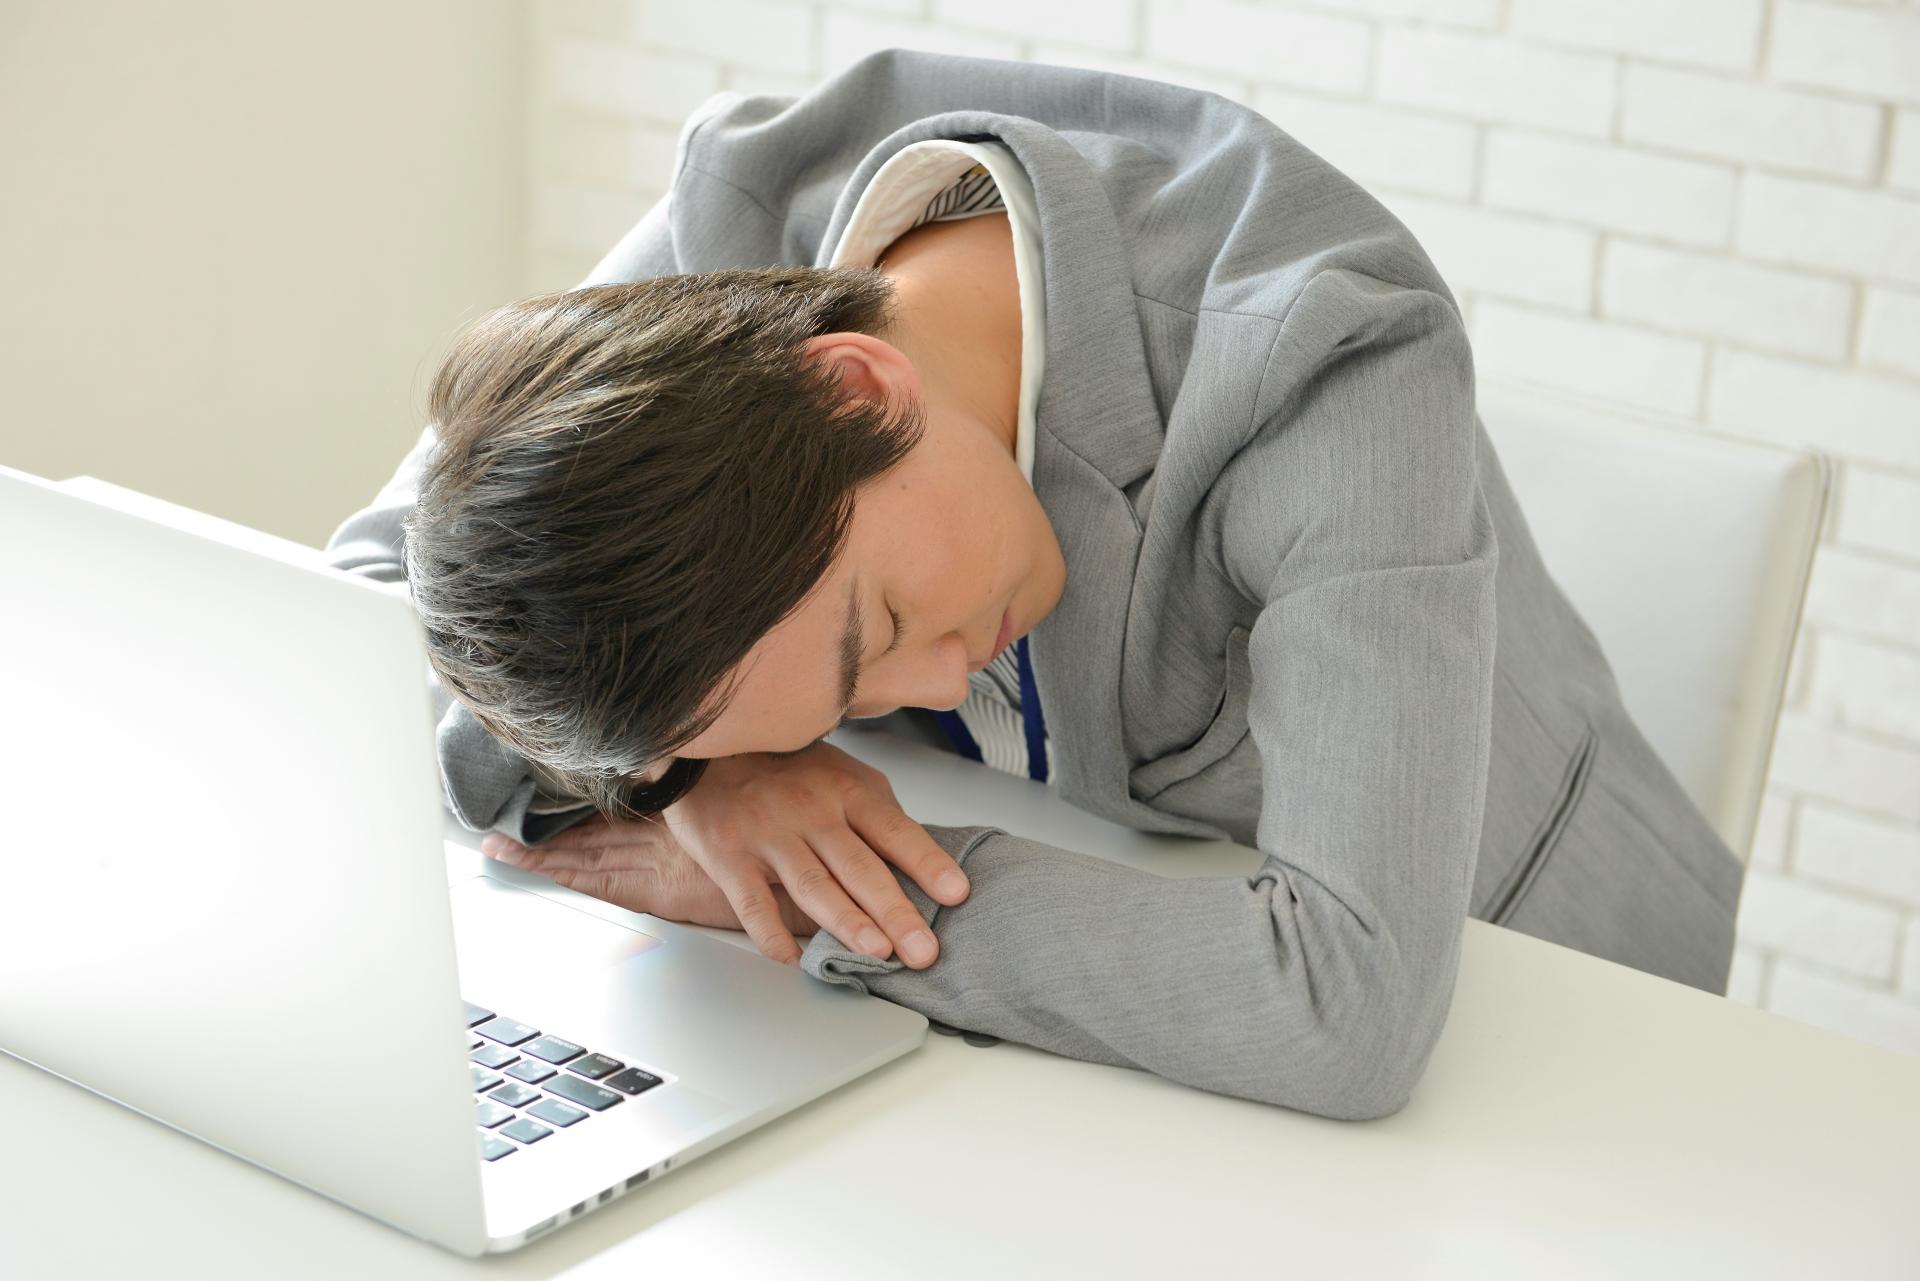 睡眠不足は薄毛の原因に。薄毛対策の為の良質な睡眠方法と避けるべきNG行為